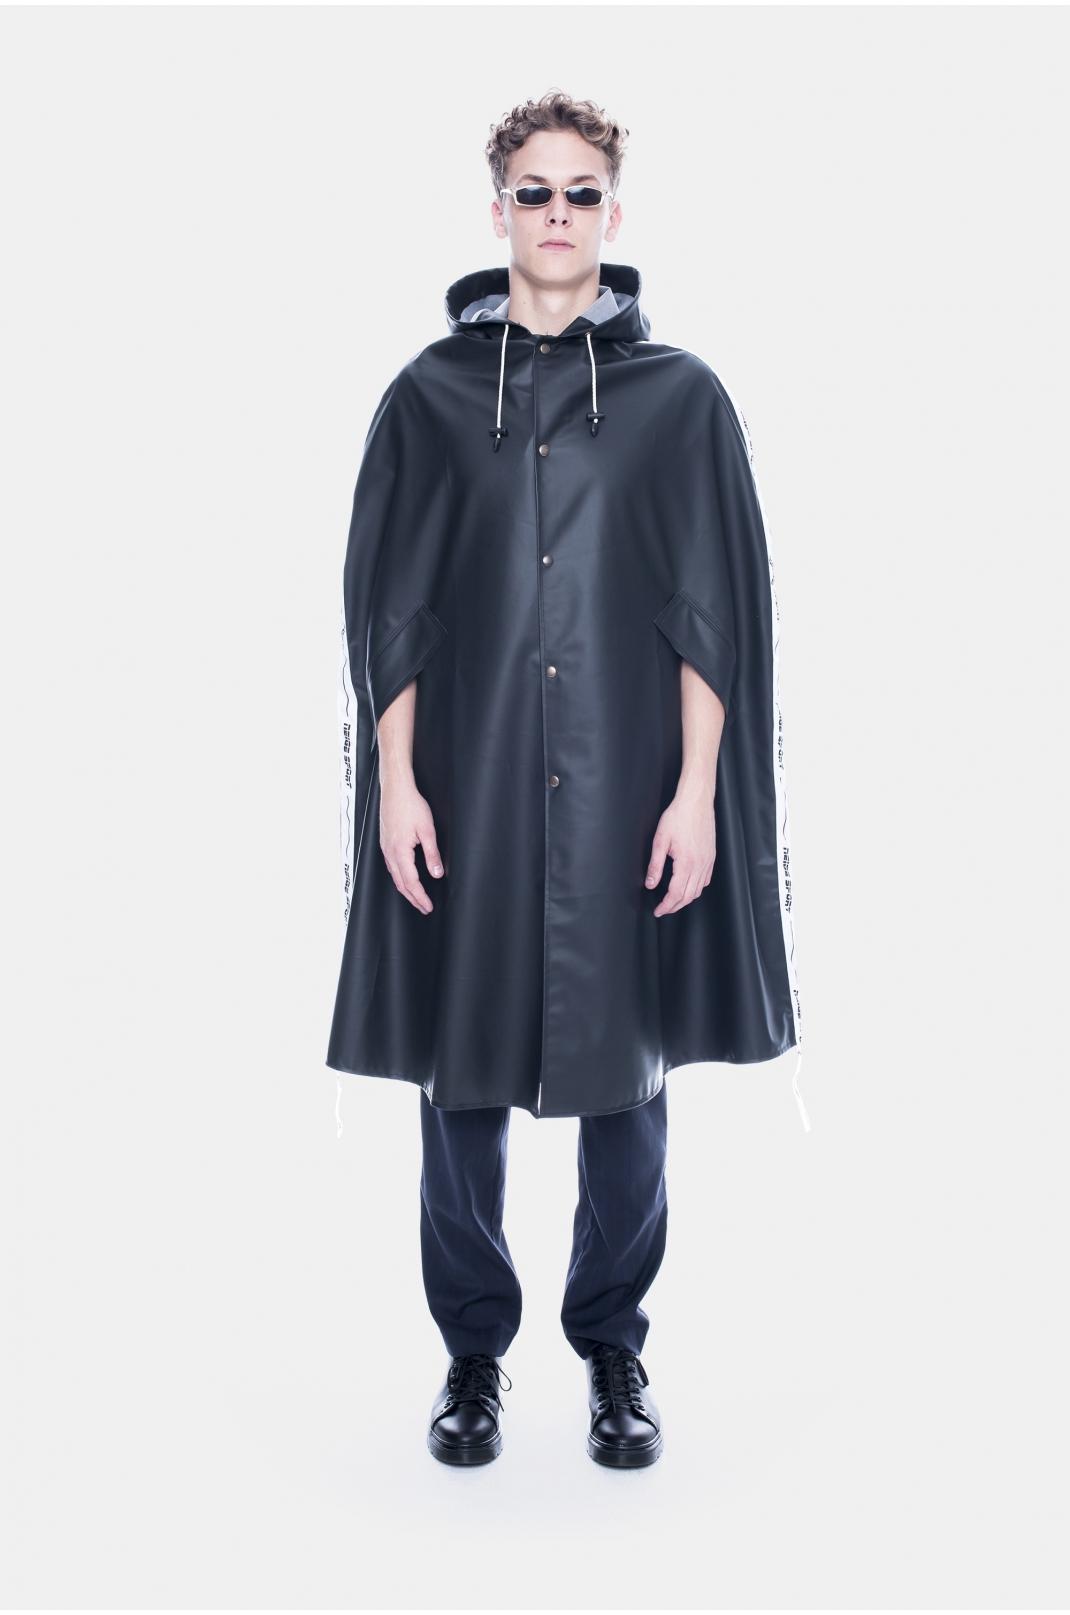 bodegathirteen-neige-sport-raincape-black